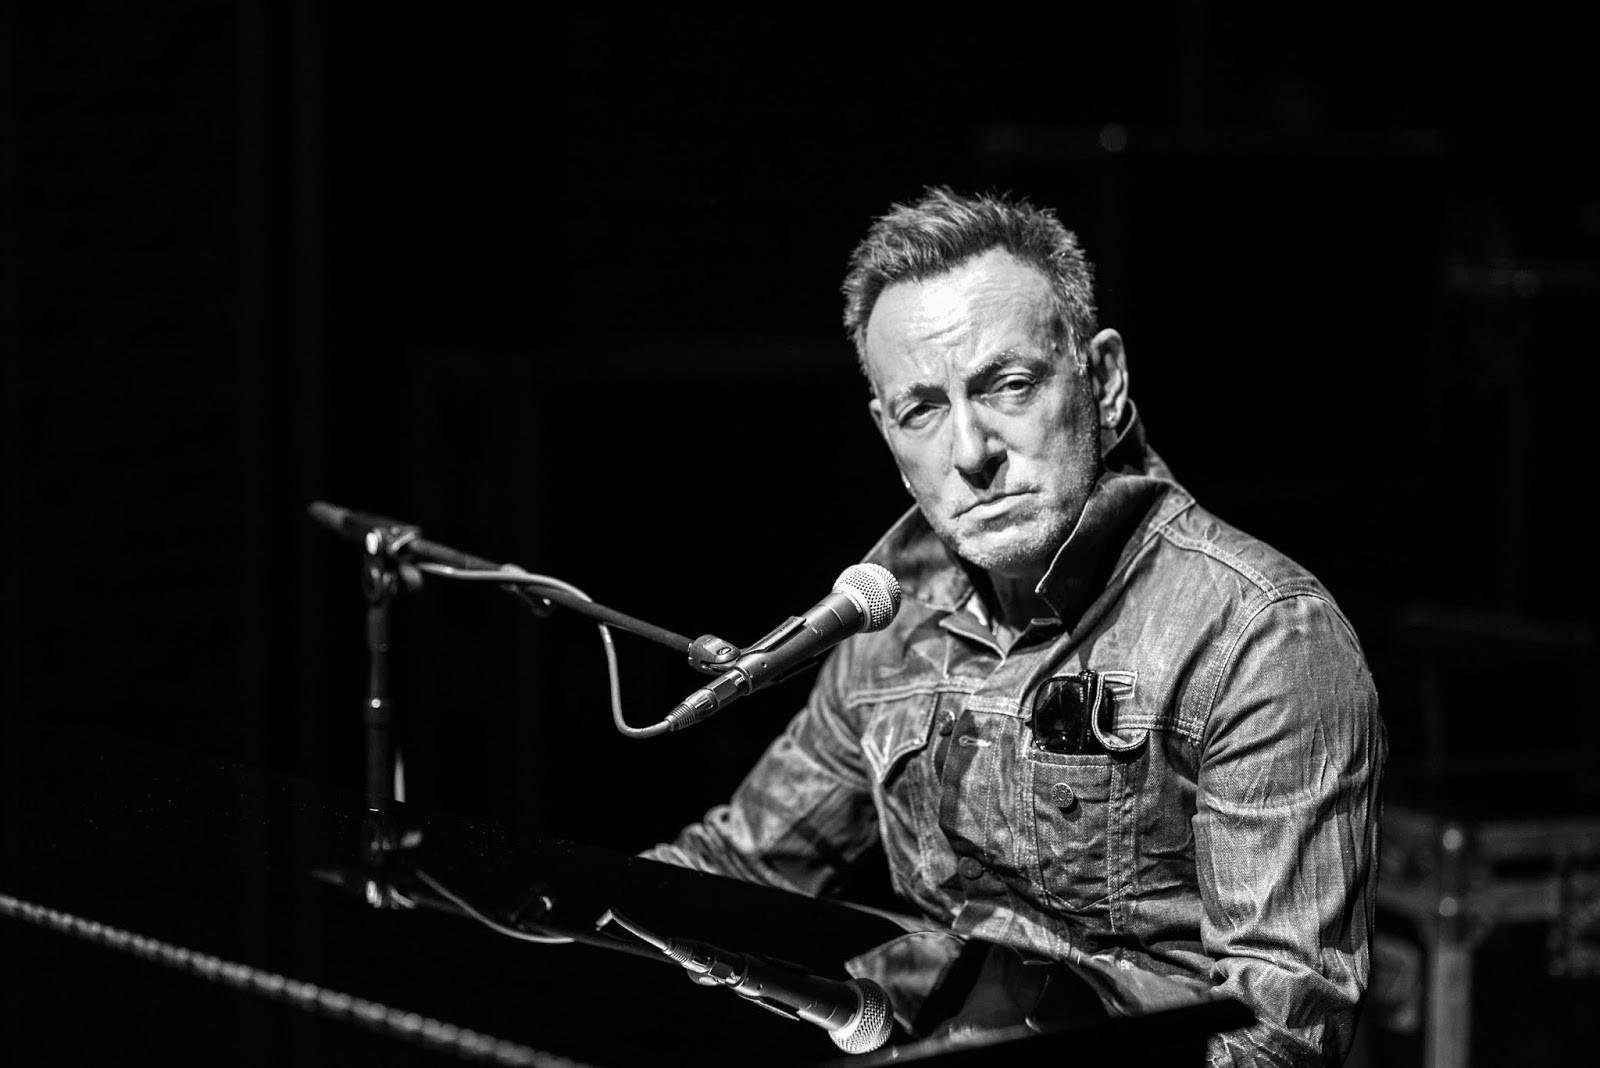 'Springsteen on Broadway' vai do teatro  à Netflix em especial com performance intimista do cantor